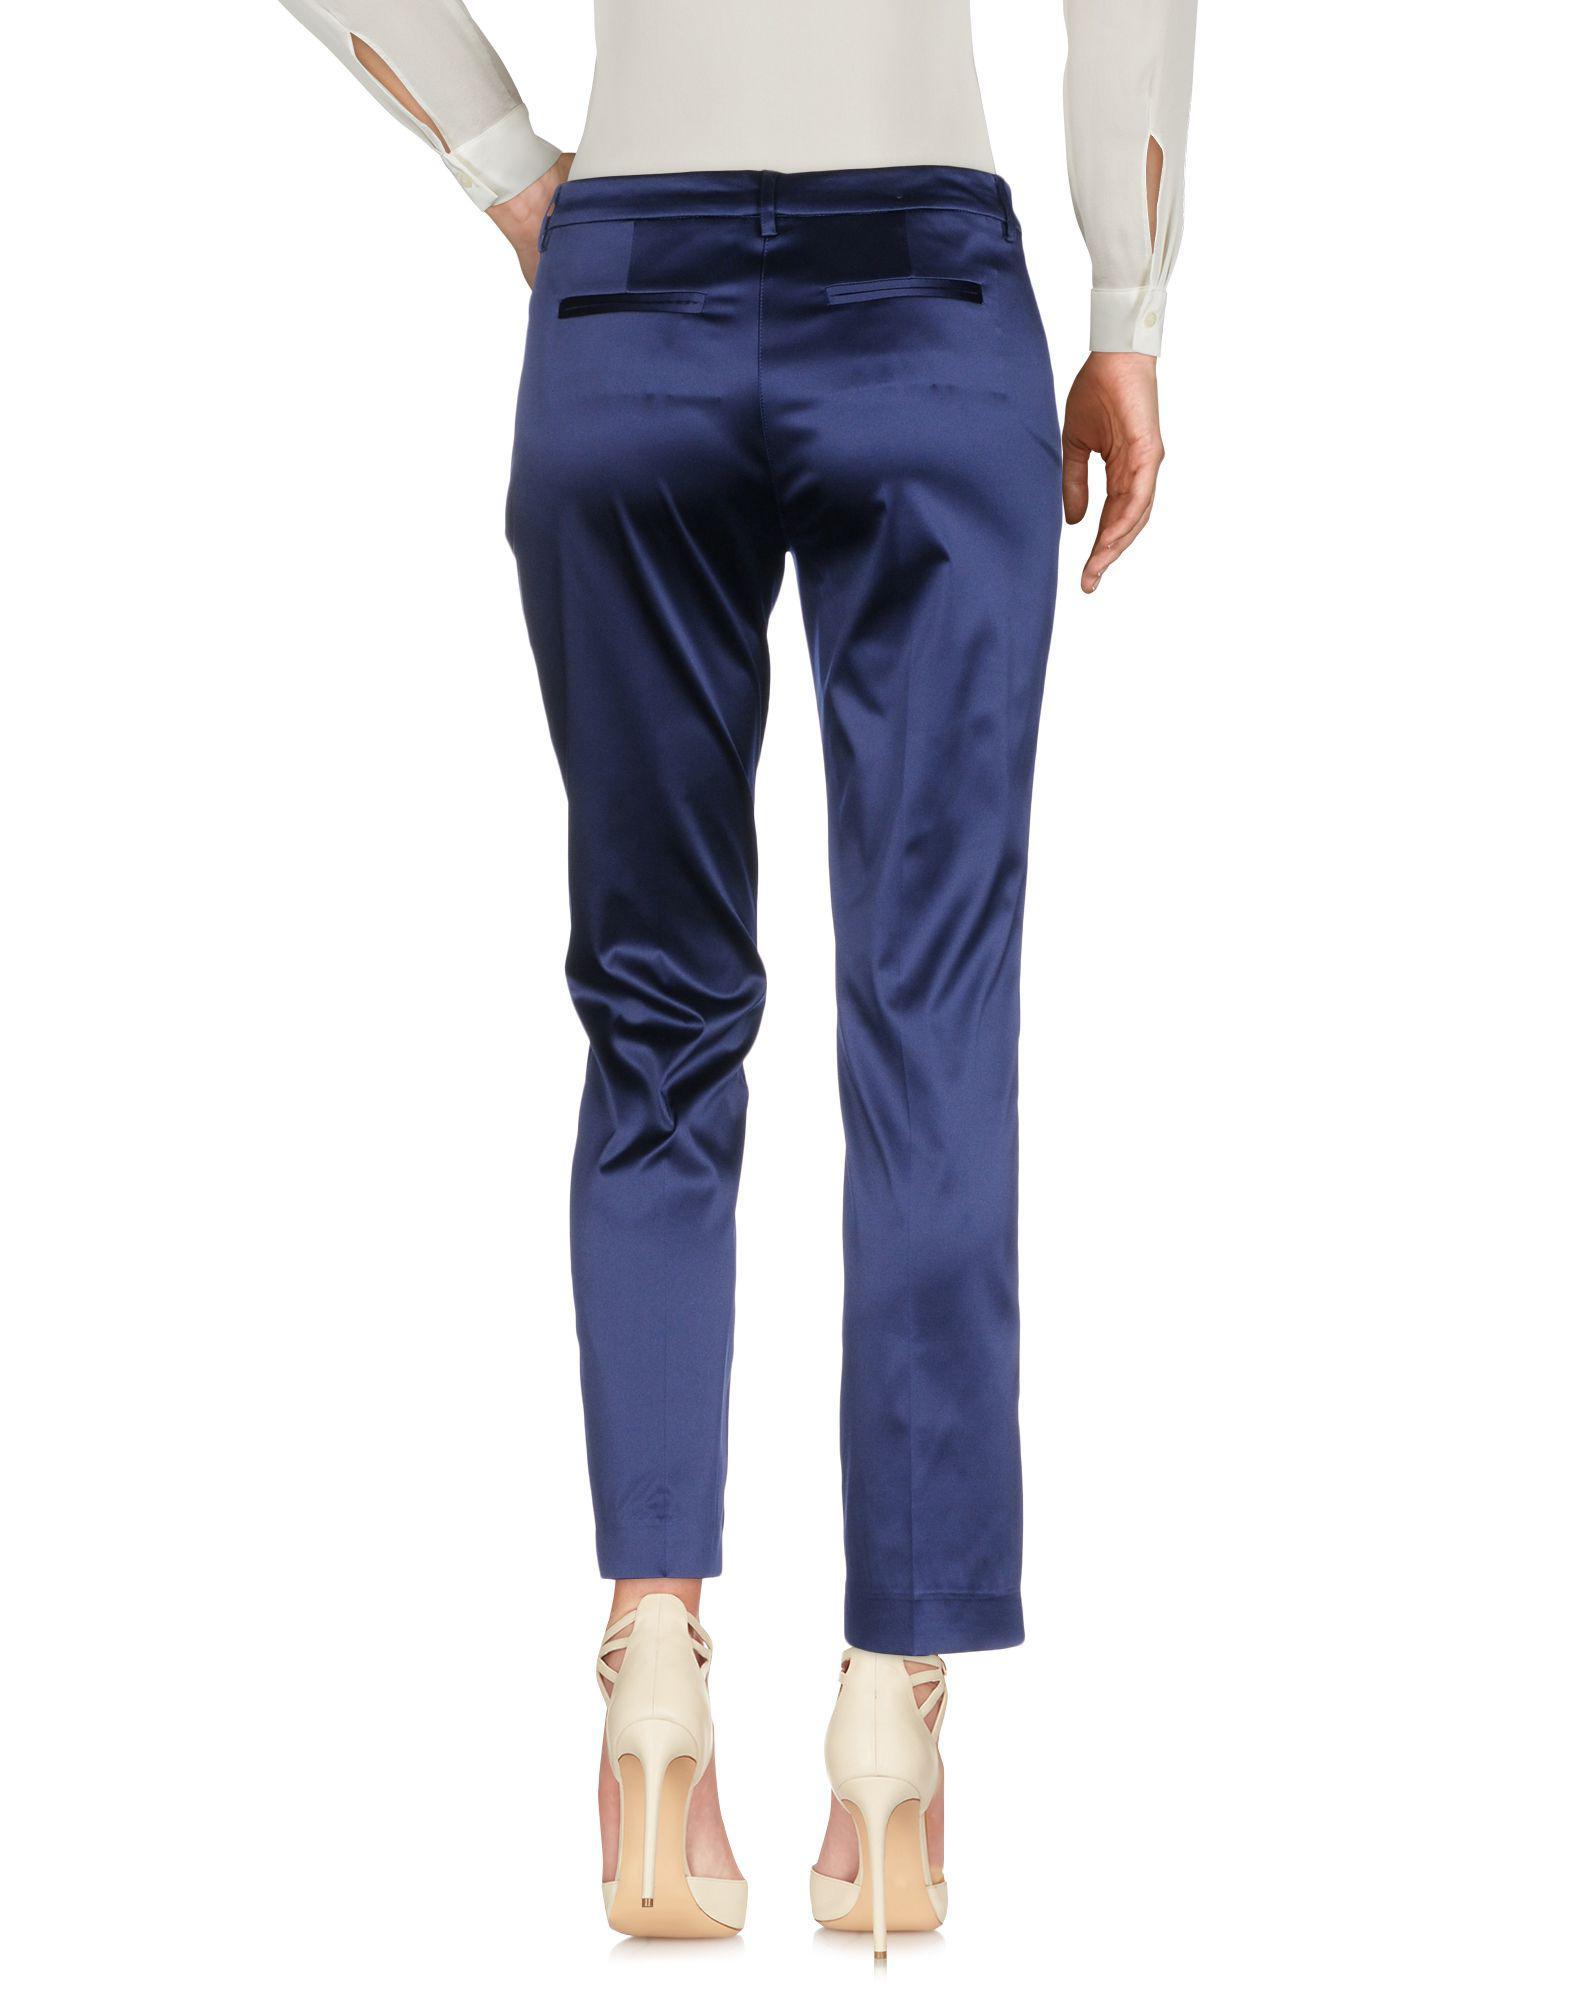 Les Pantalons - 3/4 Pantalon De Longueur Trés Vestimentaire Élégant 9002S2r